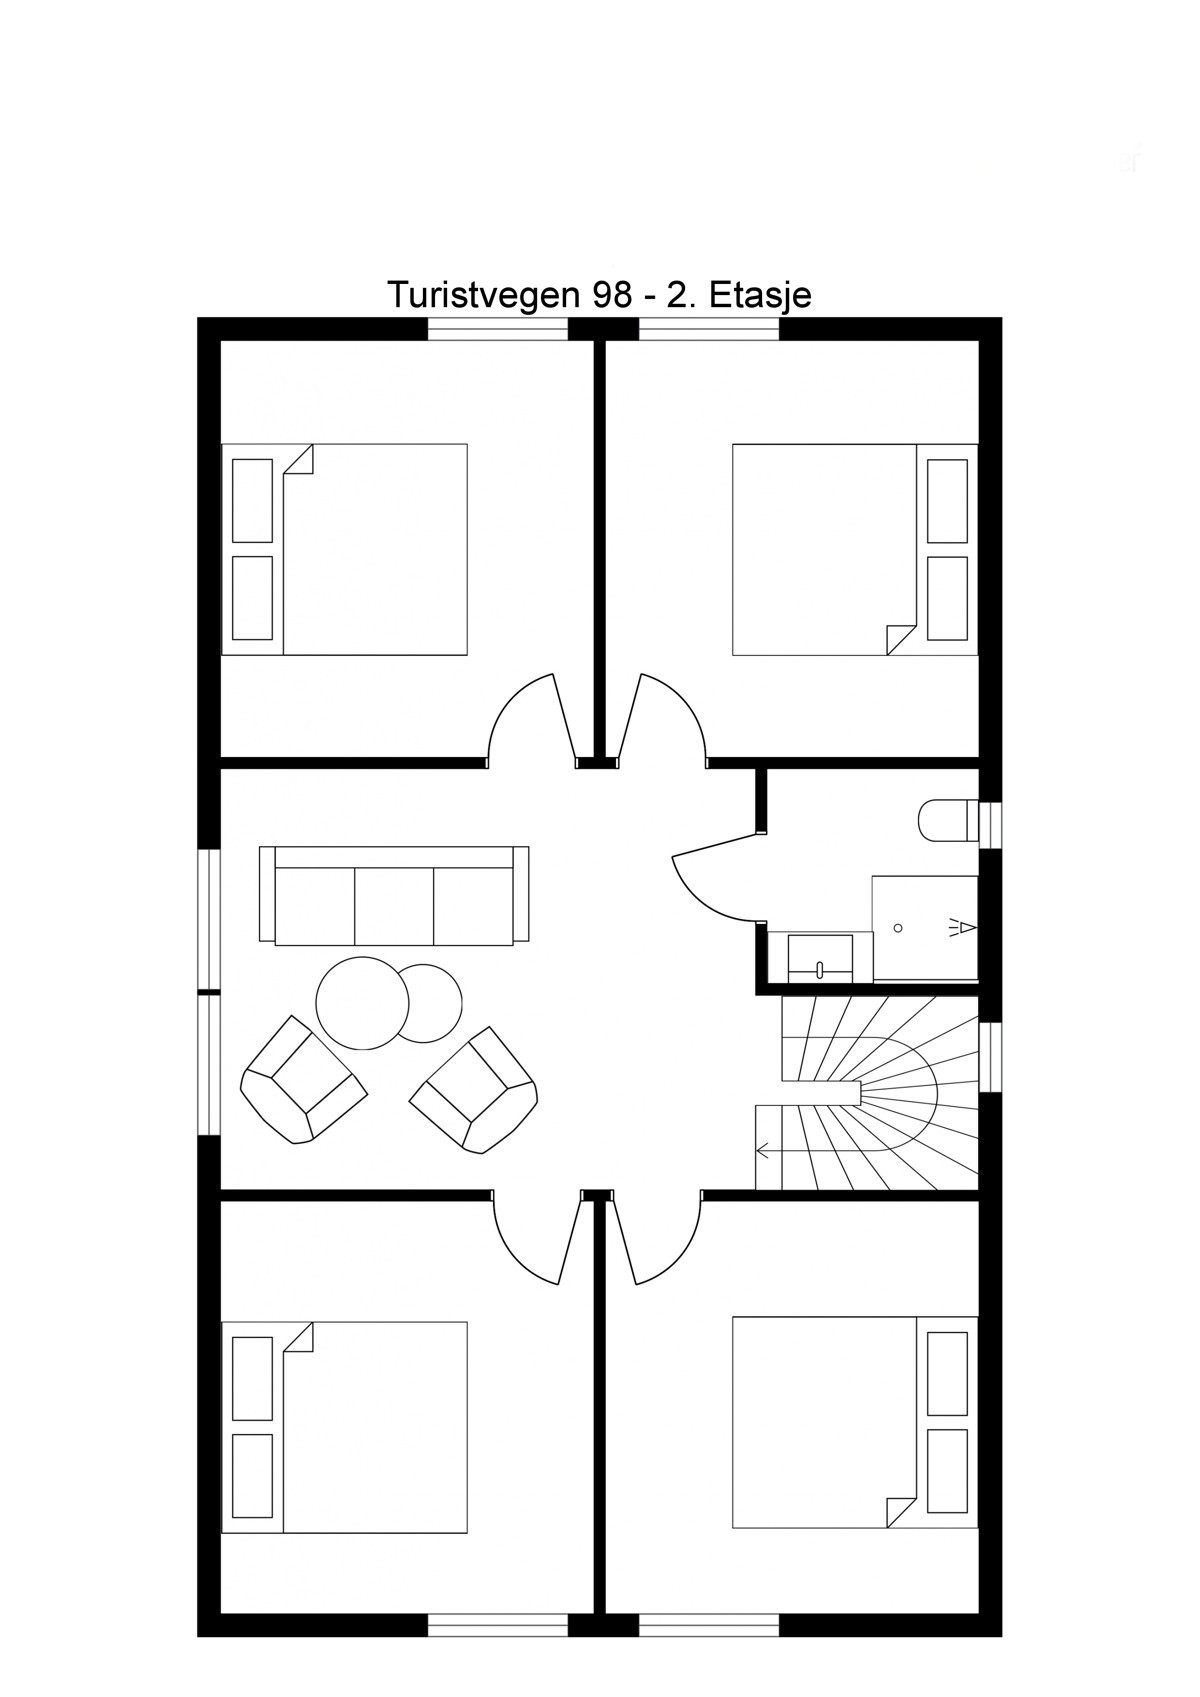 Planskisse 2. etasje